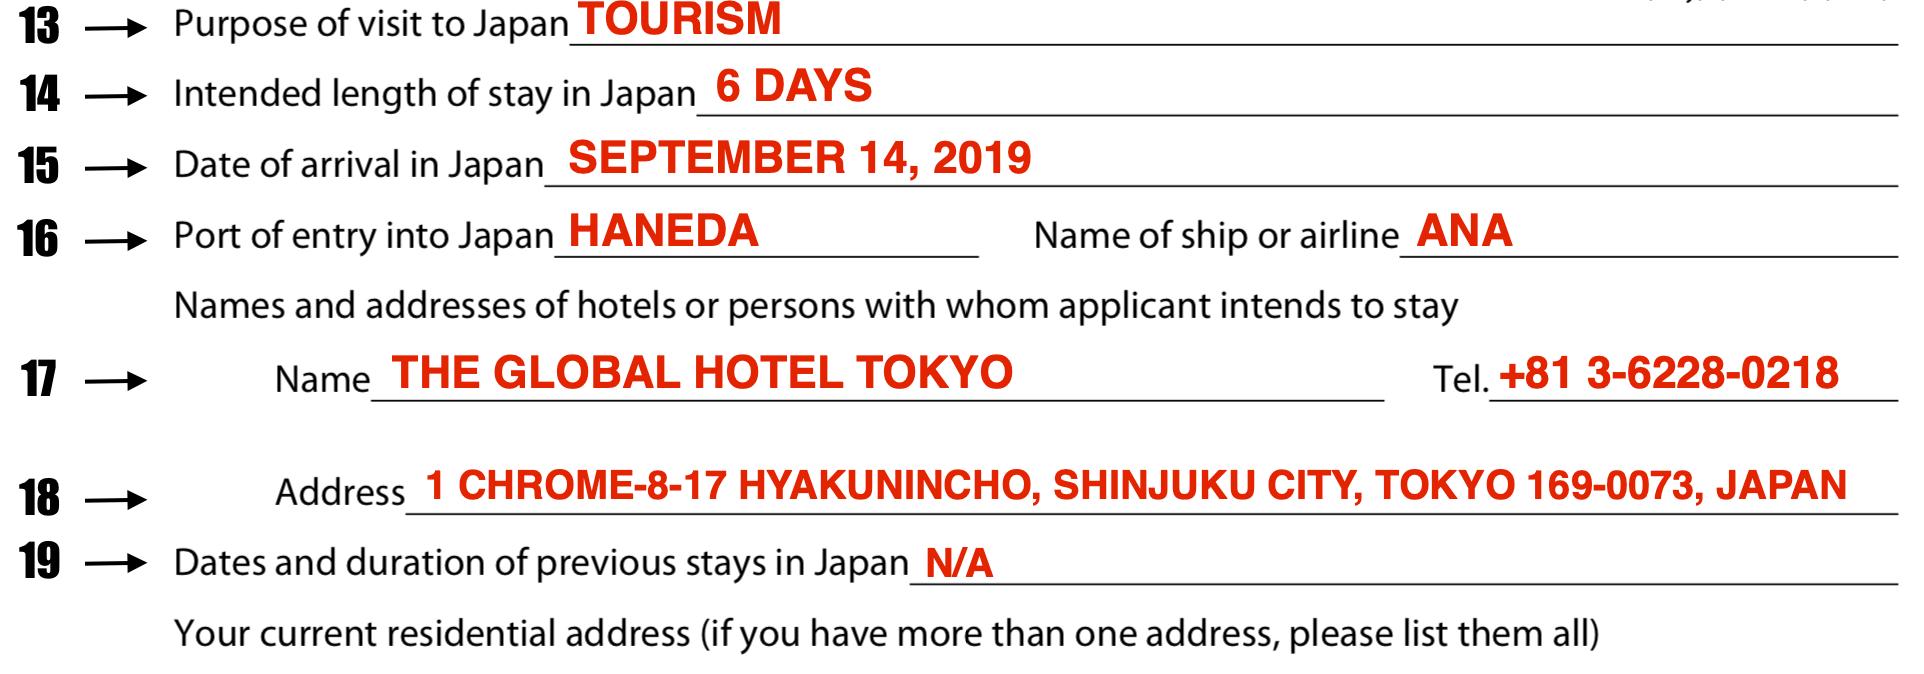 japan-visa-application-form-sample-pdf.png